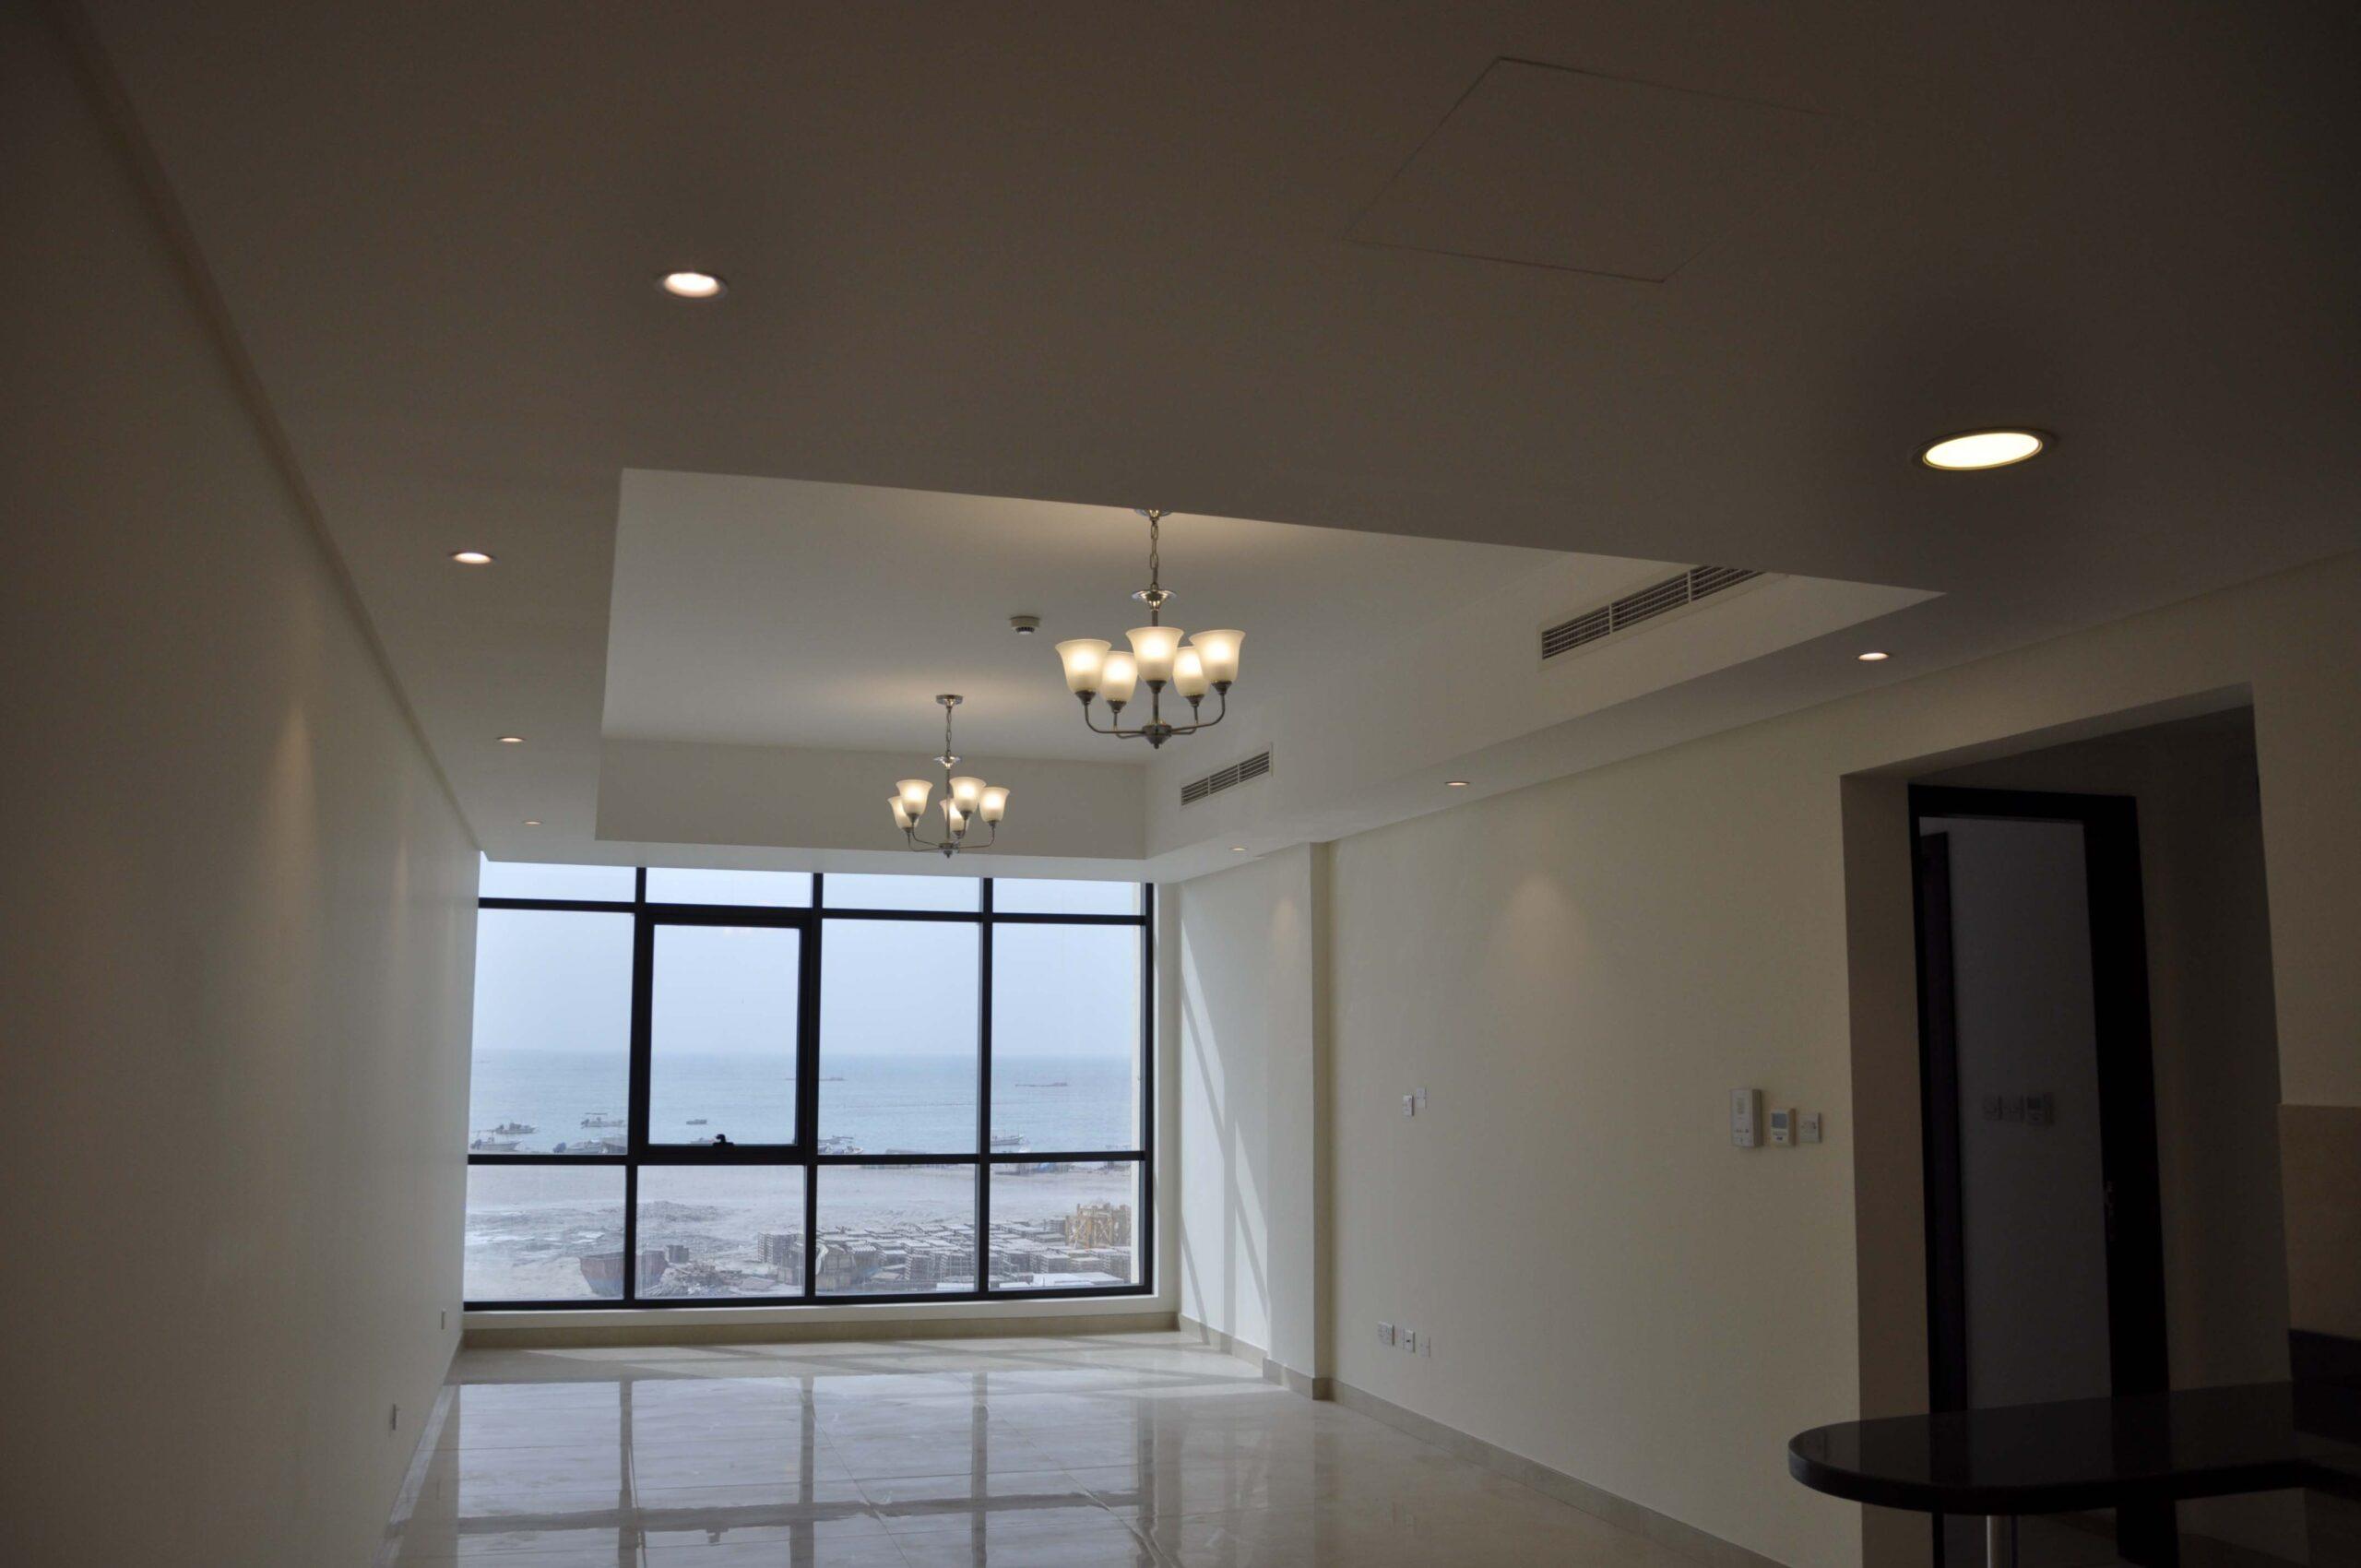 للإيجار شقة سكنية فاخرة نصف مفروشة بمنطقة ضاحية السيف قيمة الإيجار -/ 350 دينار بالشهر